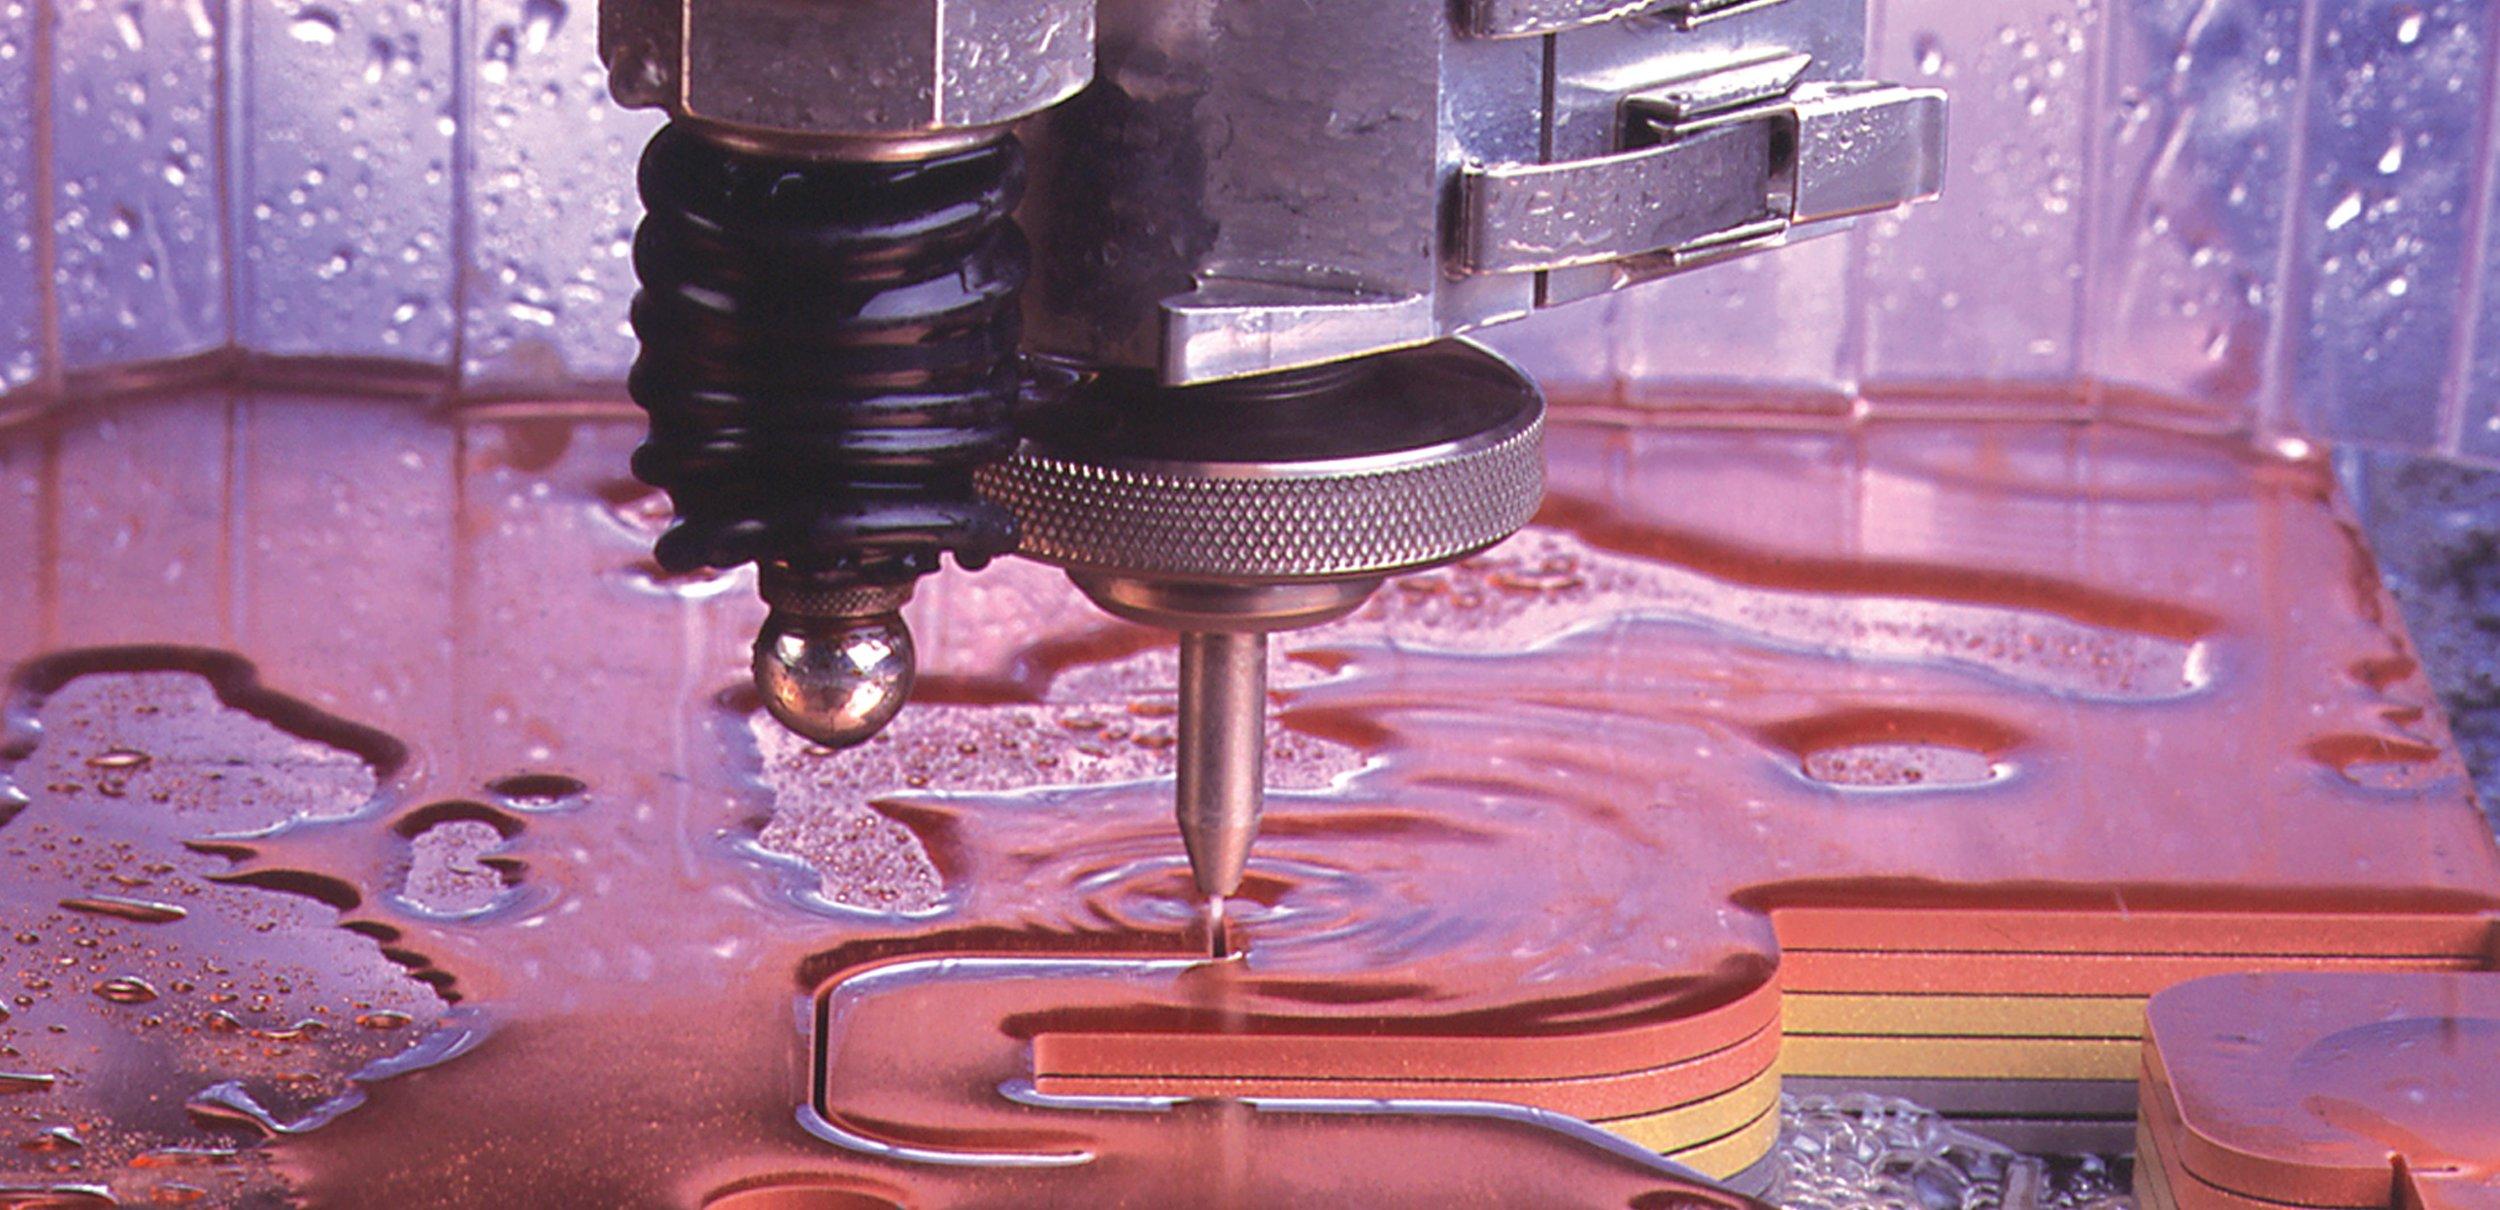 waterjet-1.jpg